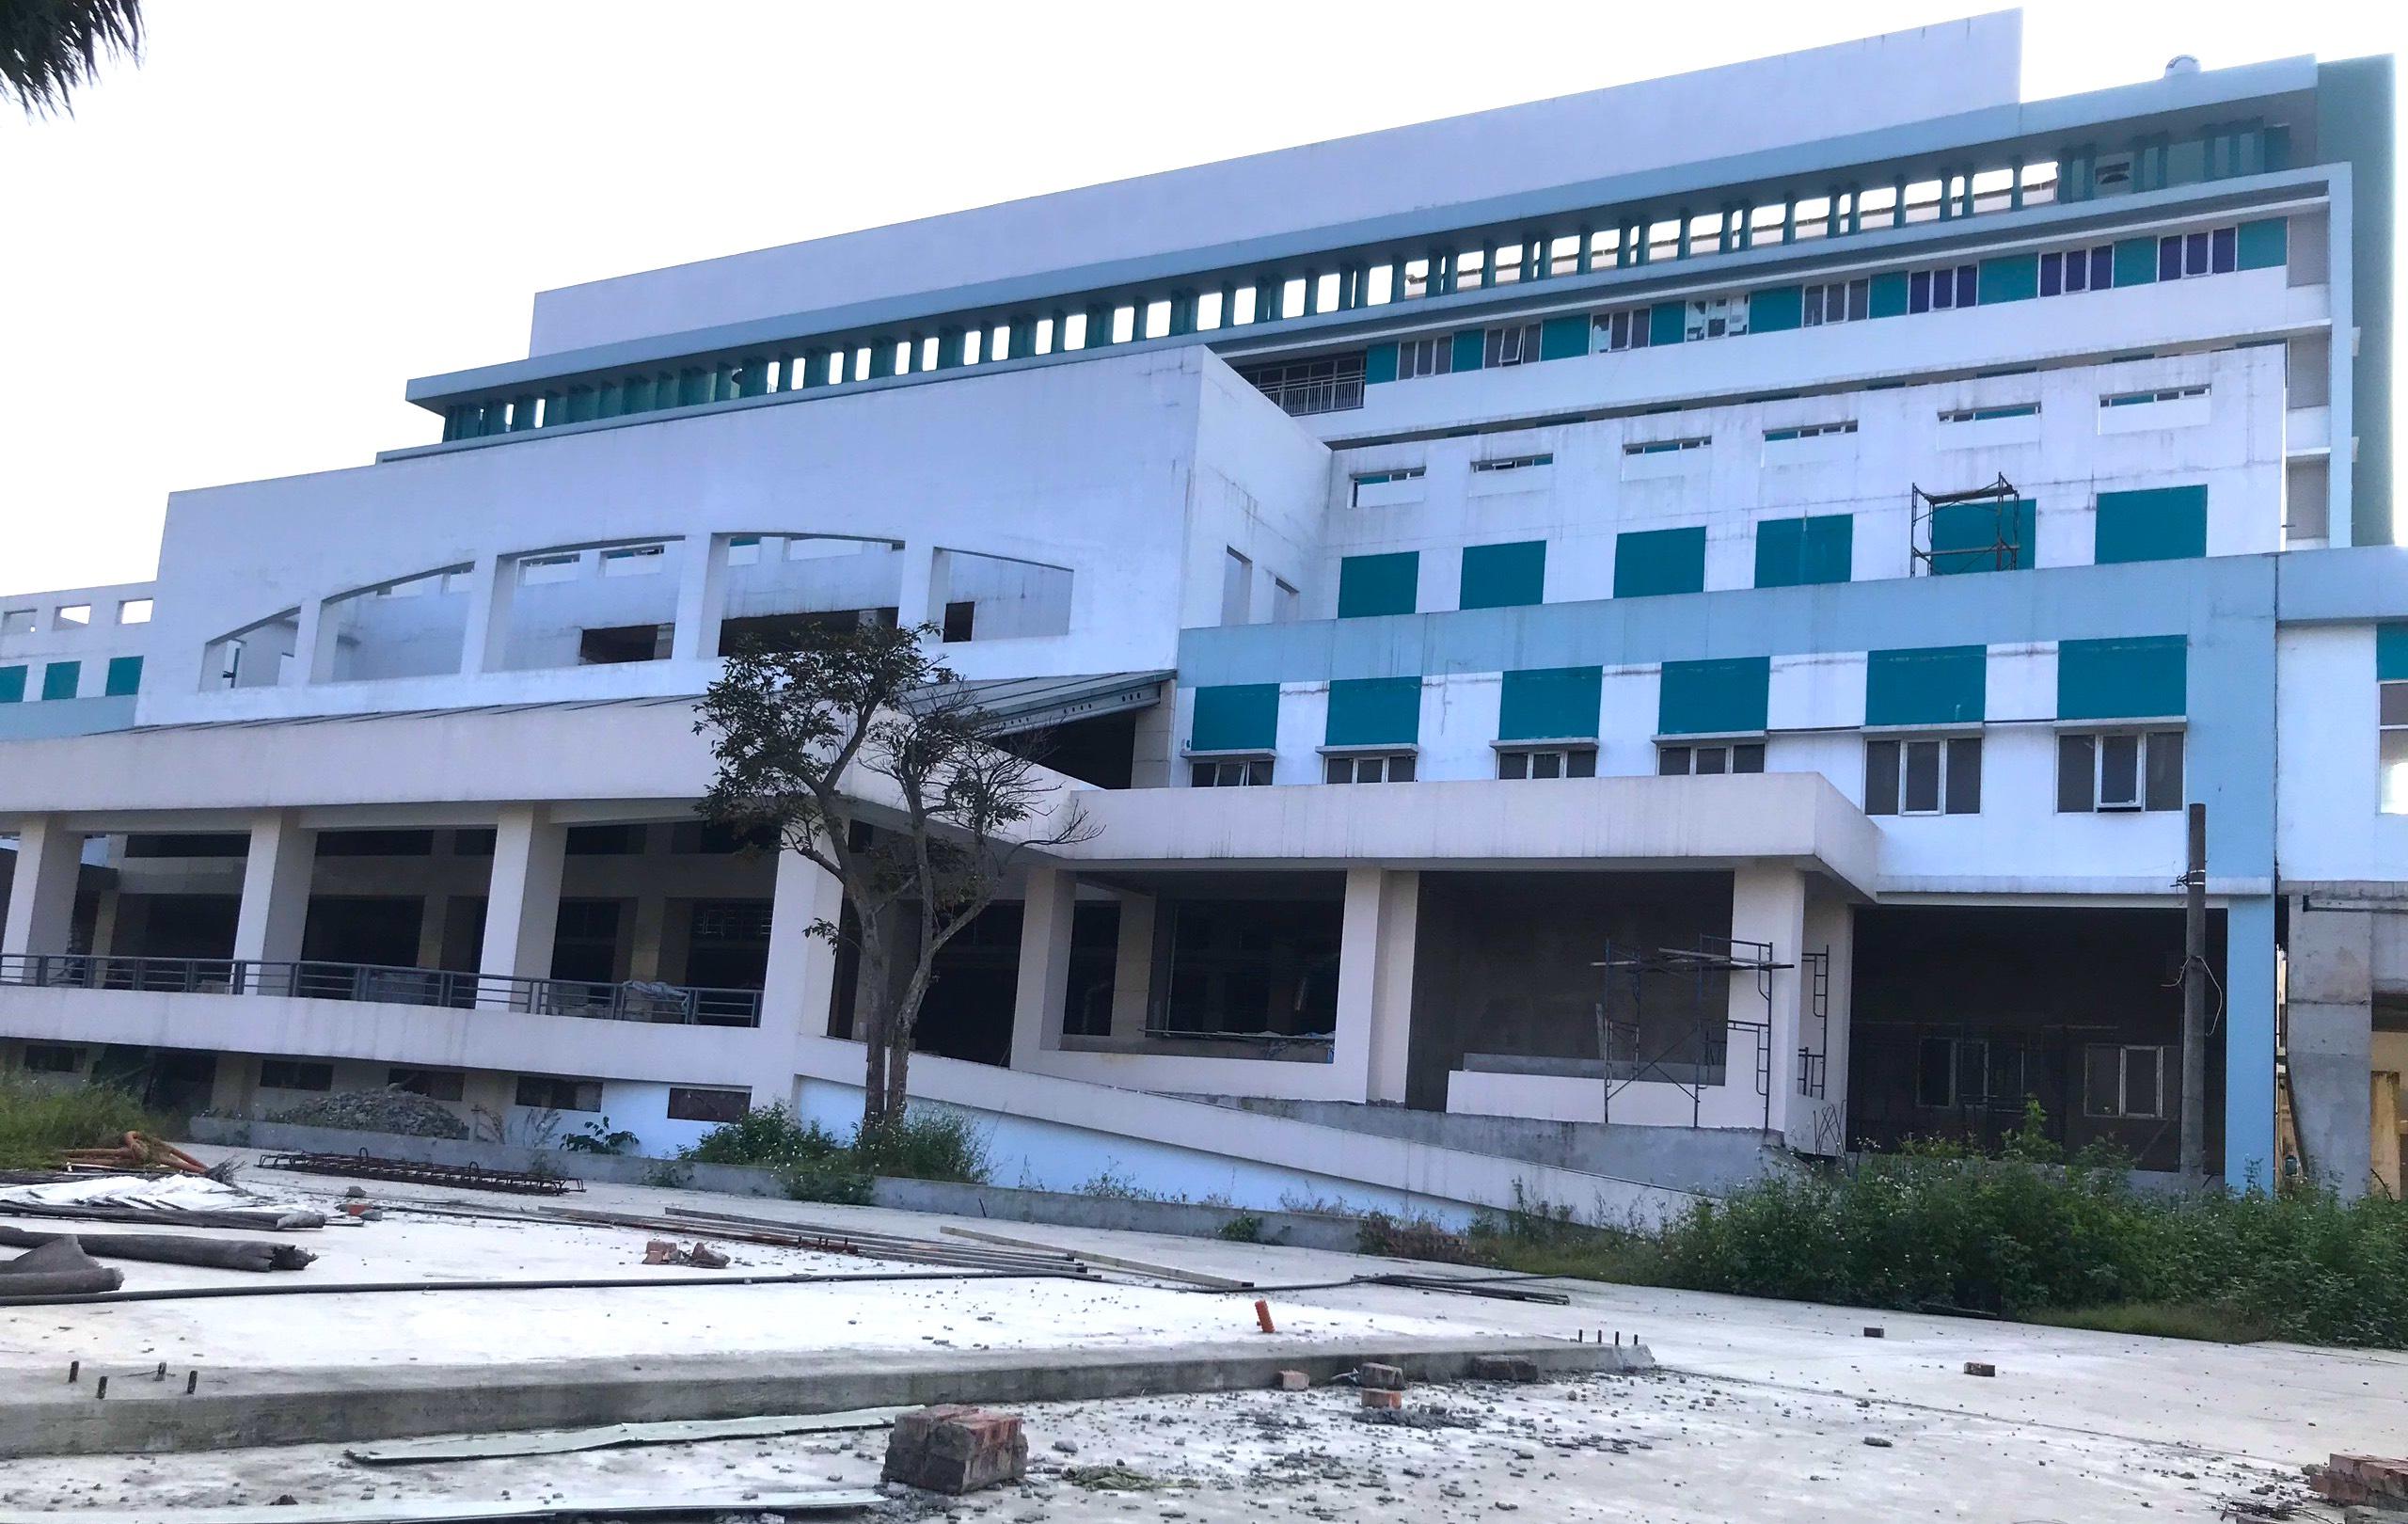 Cảnh nhếch nhác, cỏ mọc um tùm trong dự án bệnh viện nghìn tỷ lớn nhất Bắc Trung Bộ - Ảnh 4.